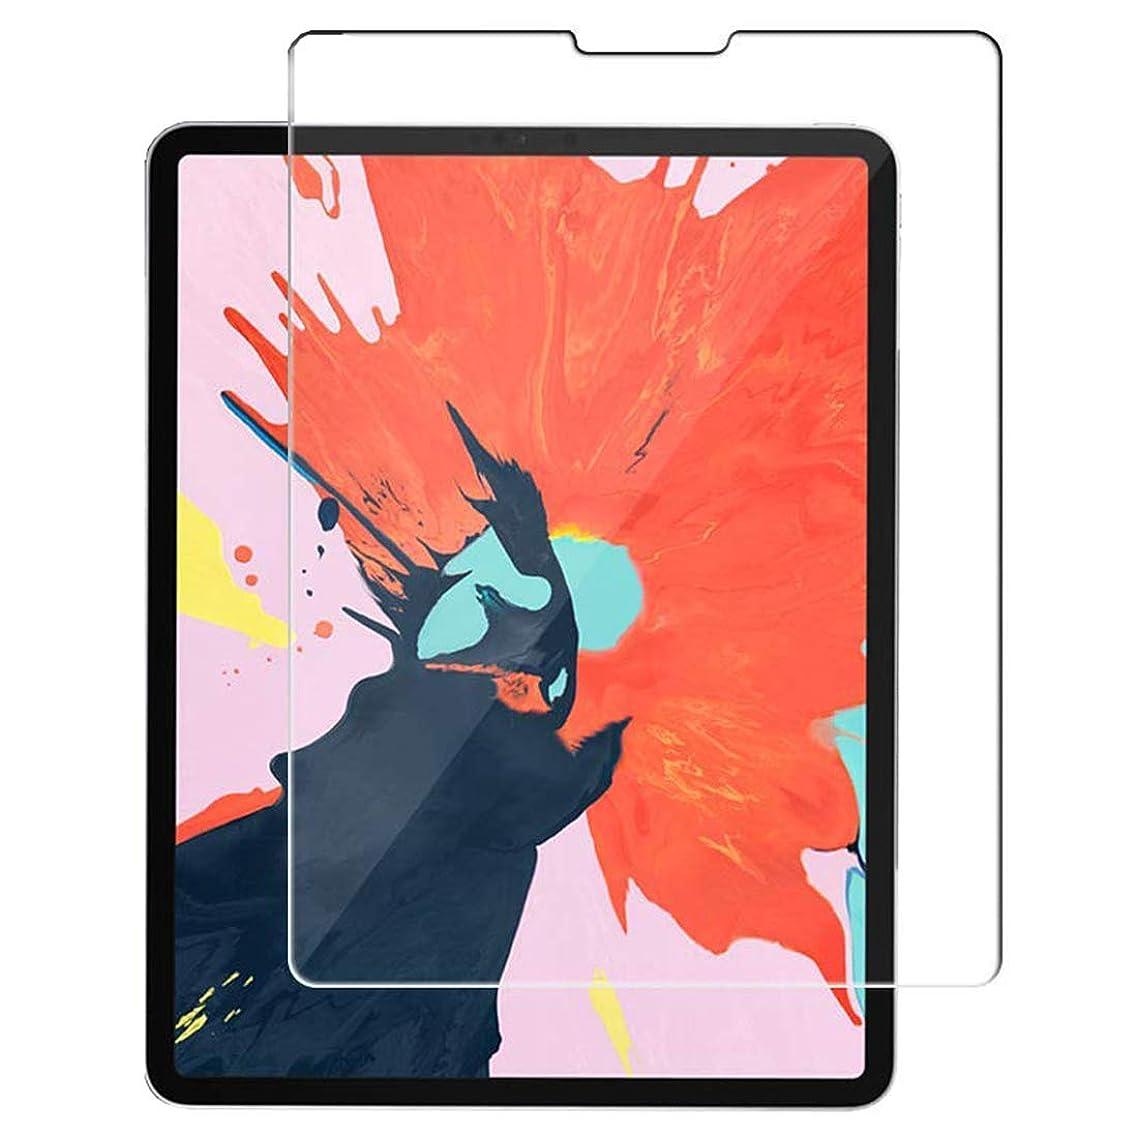 合併規制する事実FaceID対応 2018 新型 iPad Pro 12.9 インチ対応 iPad Pro 12.9 2018 フィルム 強化ガラス iPad Pro 12.9インチ フィルム iPad Pro ガラスフィルム 硬度9H 衝撃防止 指紋気泡防止 高感度 高透過率 液晶強化ガラス